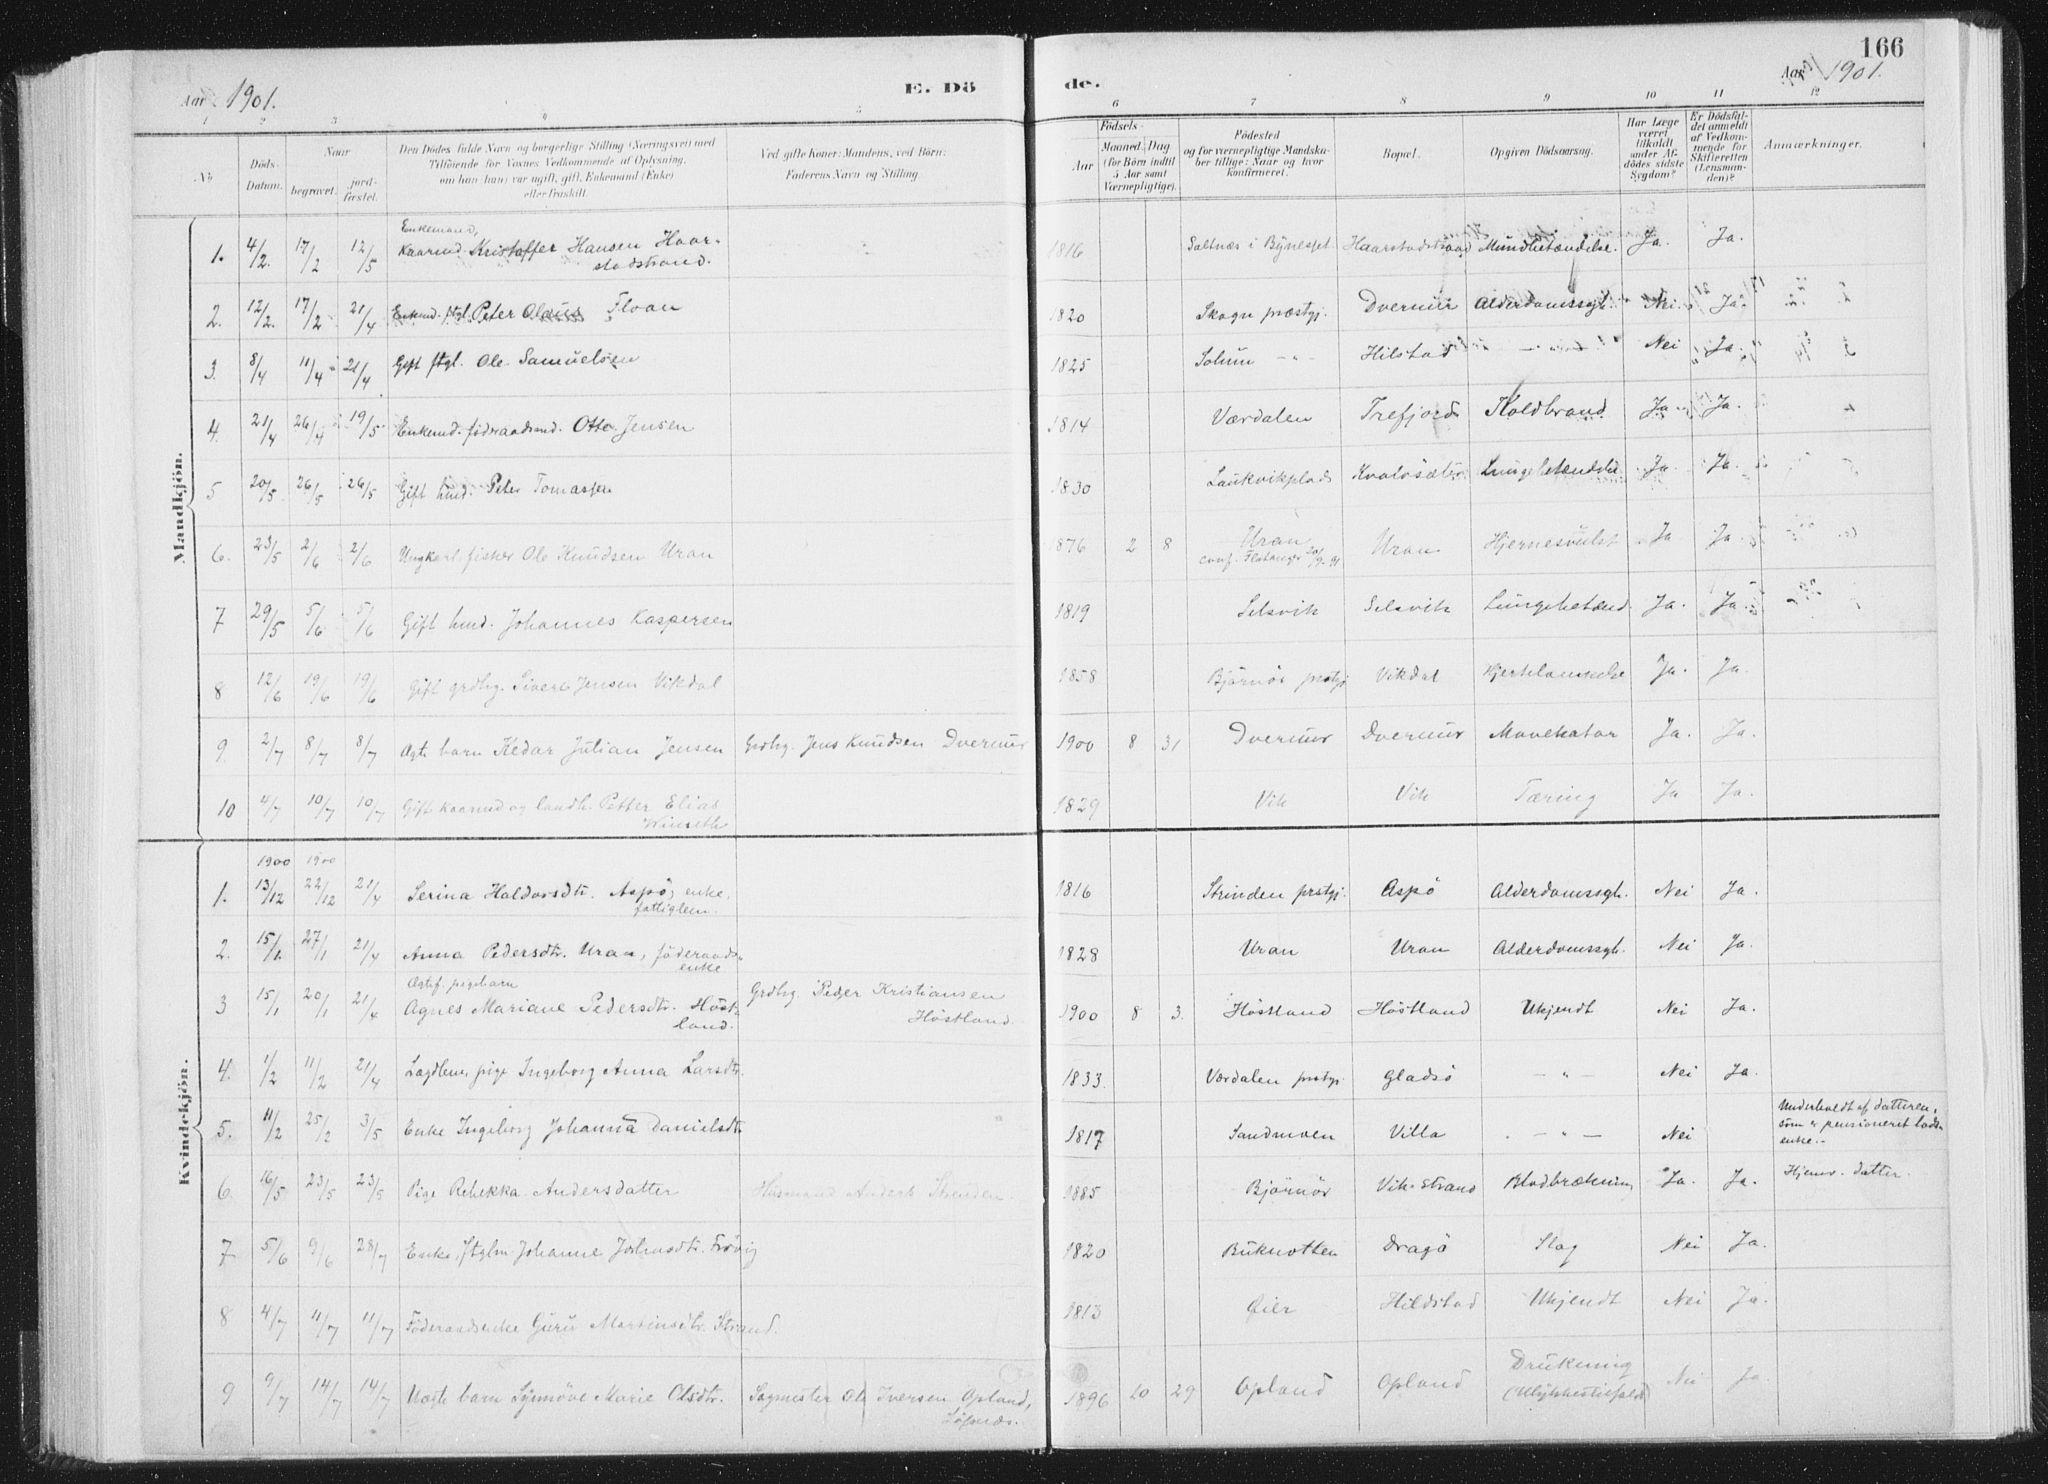 SAT, Ministerialprotokoller, klokkerbøker og fødselsregistre - Nord-Trøndelag, 771/L0597: Ministerialbok nr. 771A04, 1885-1910, s. 166